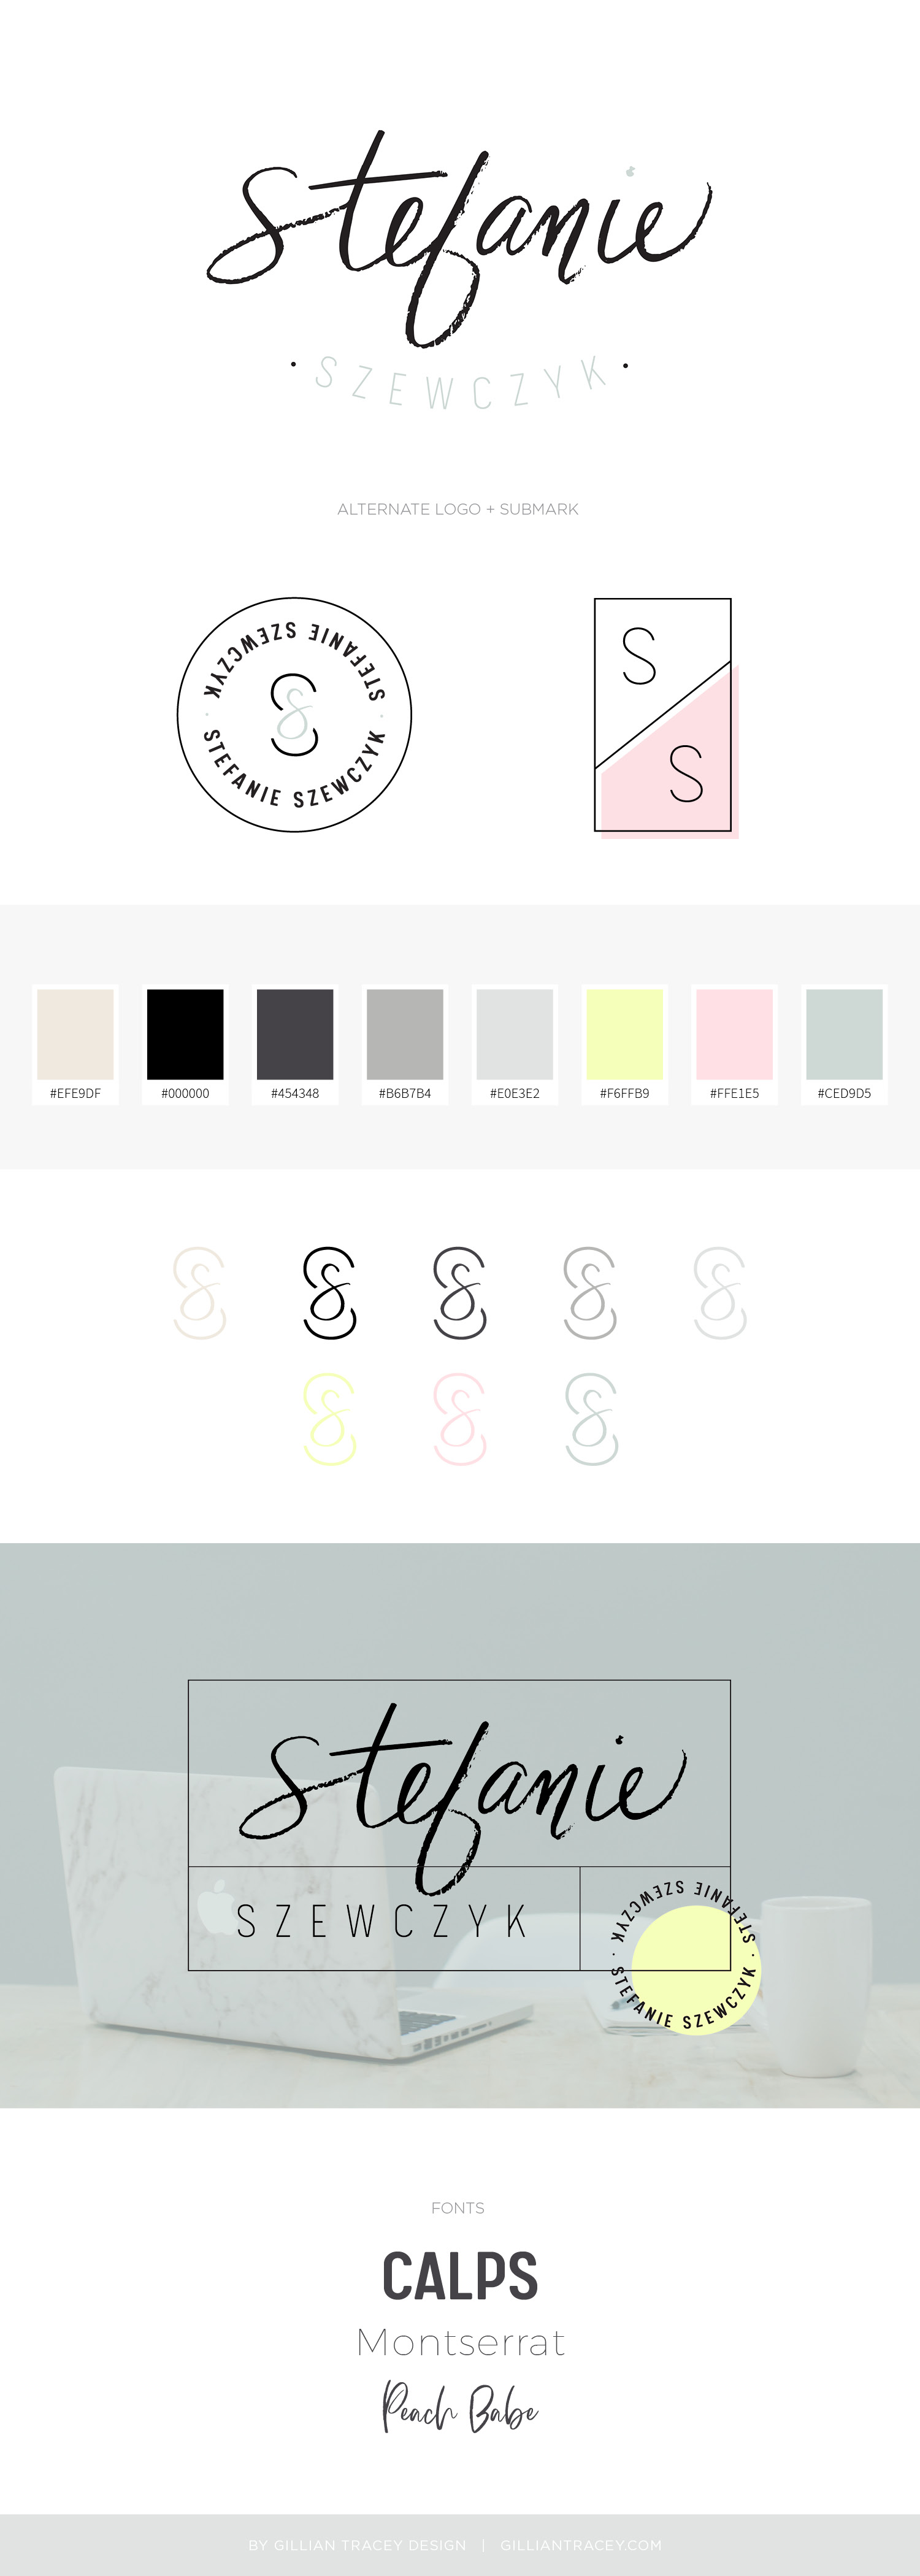 Stefanie Szewczyk custom branding and Squarespace site design by Gillian Tracey